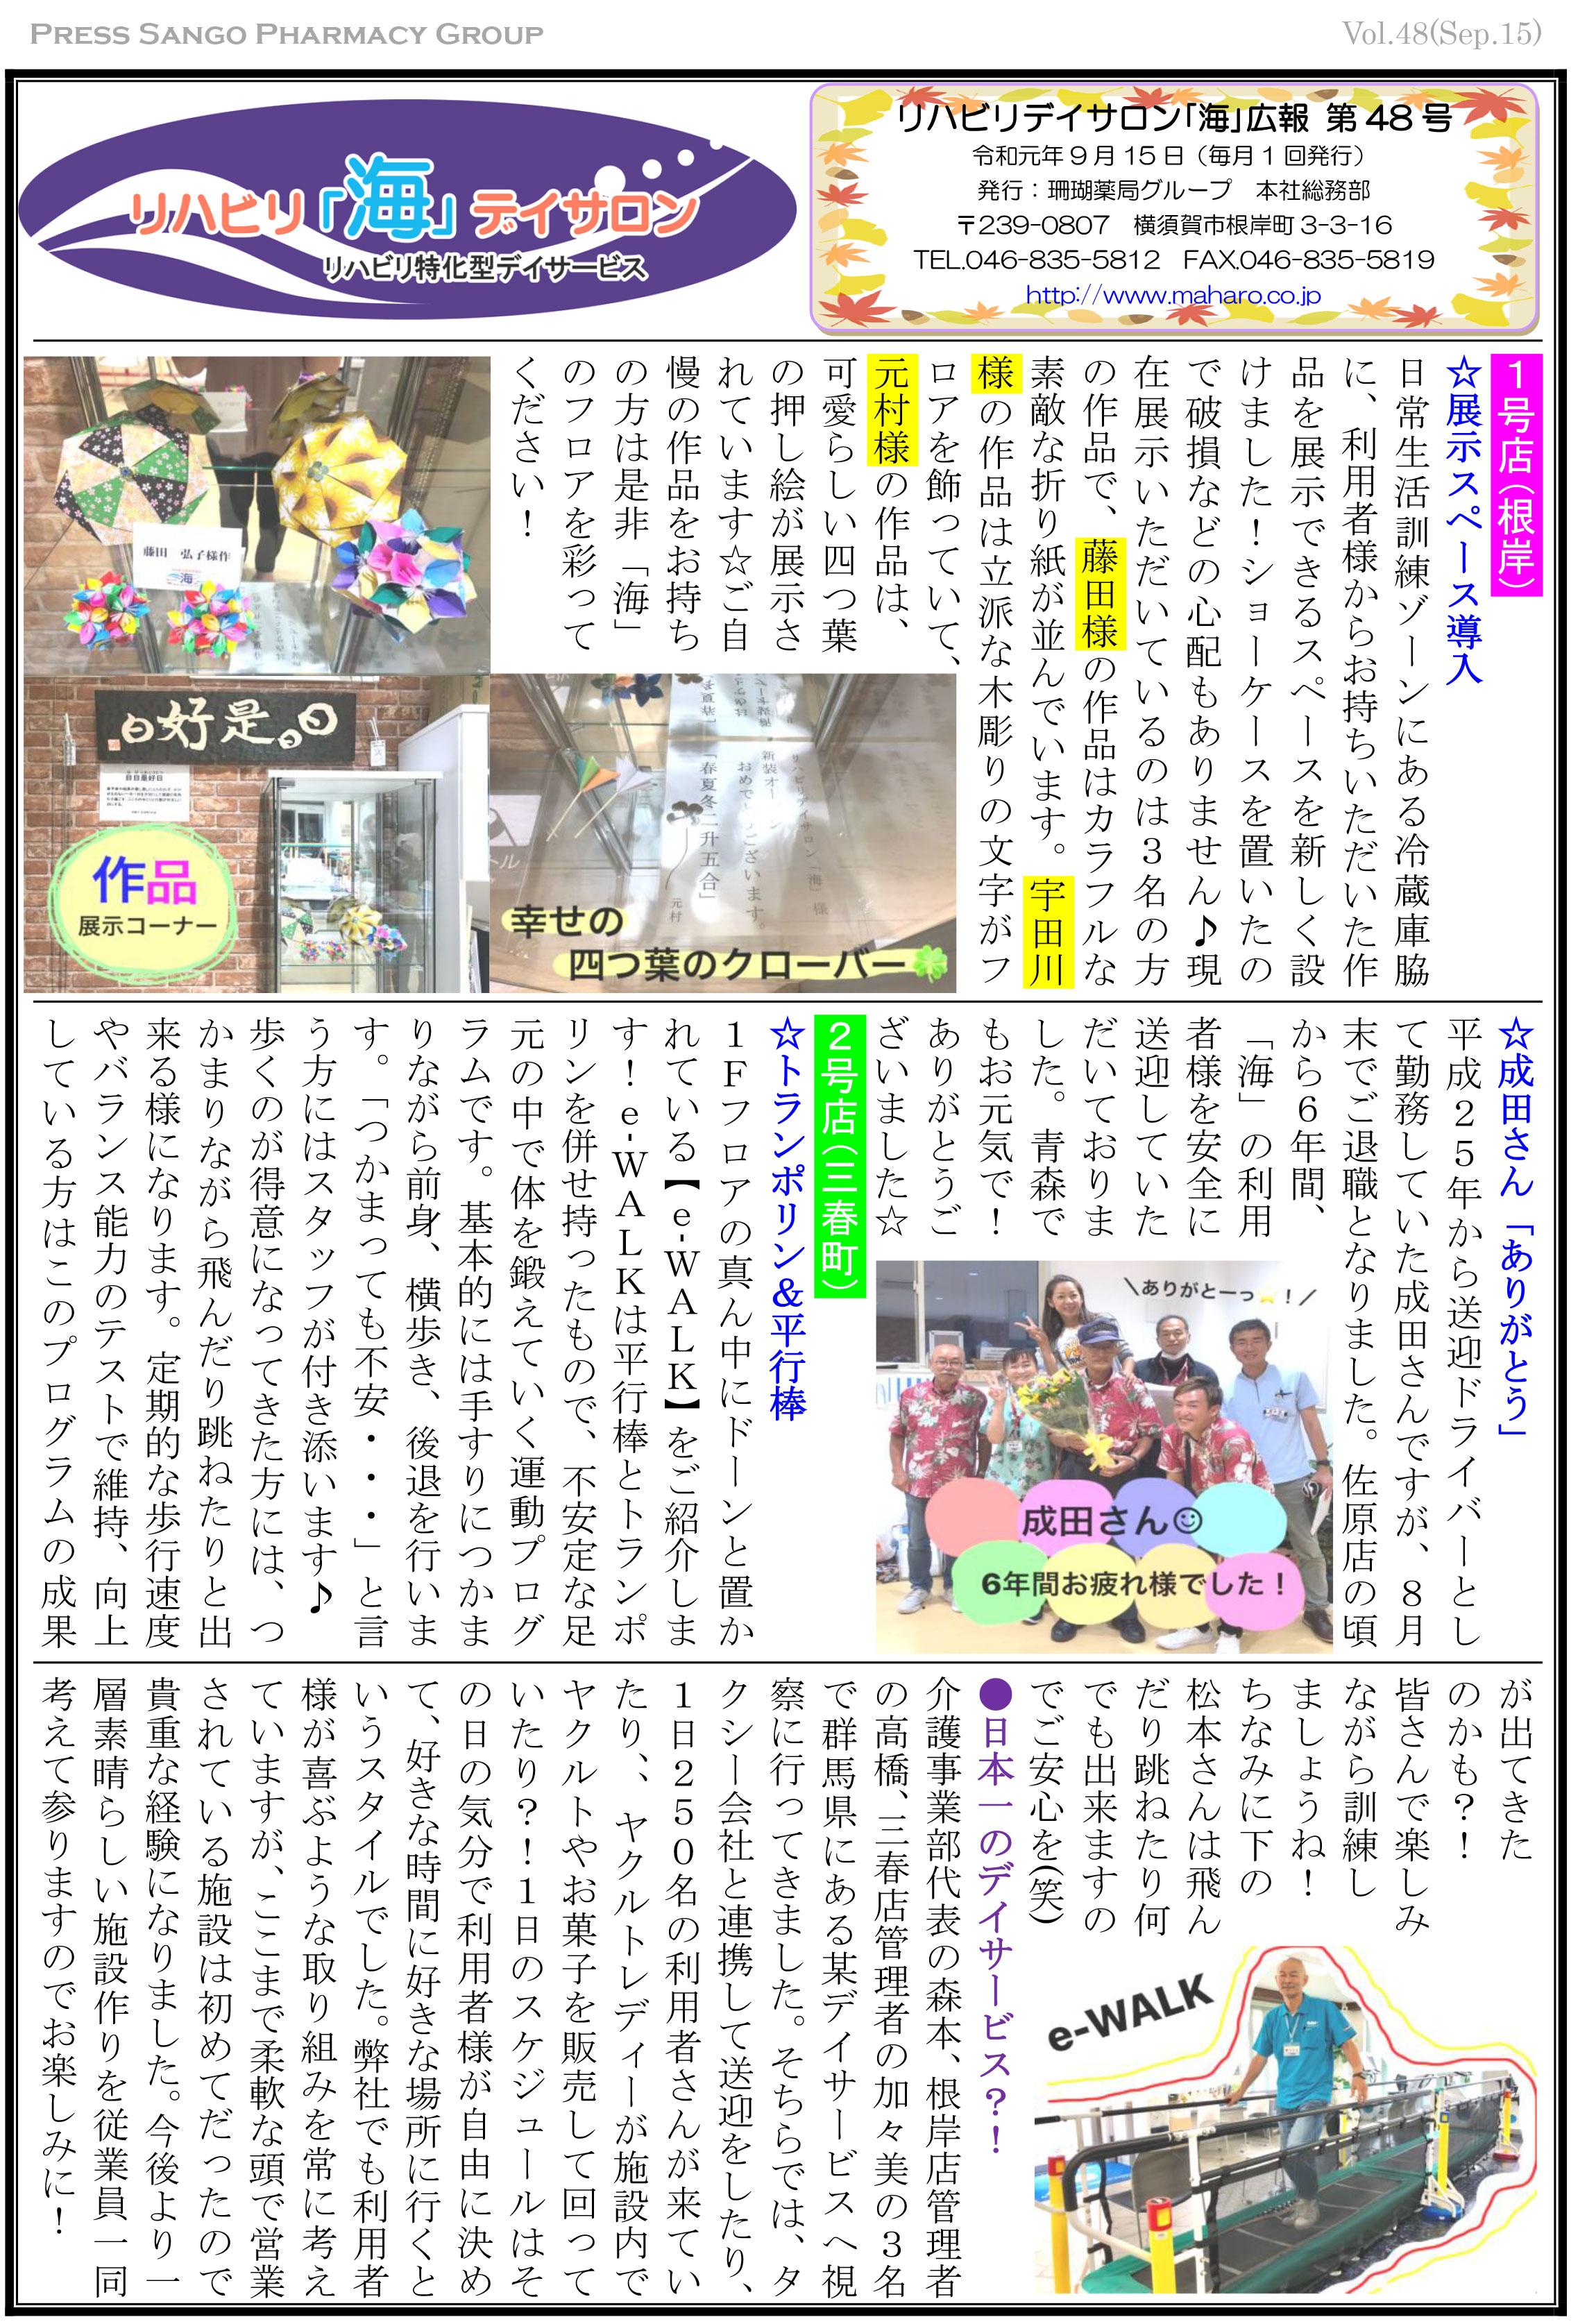 リハビリデイサロン「海」広報誌 第48号